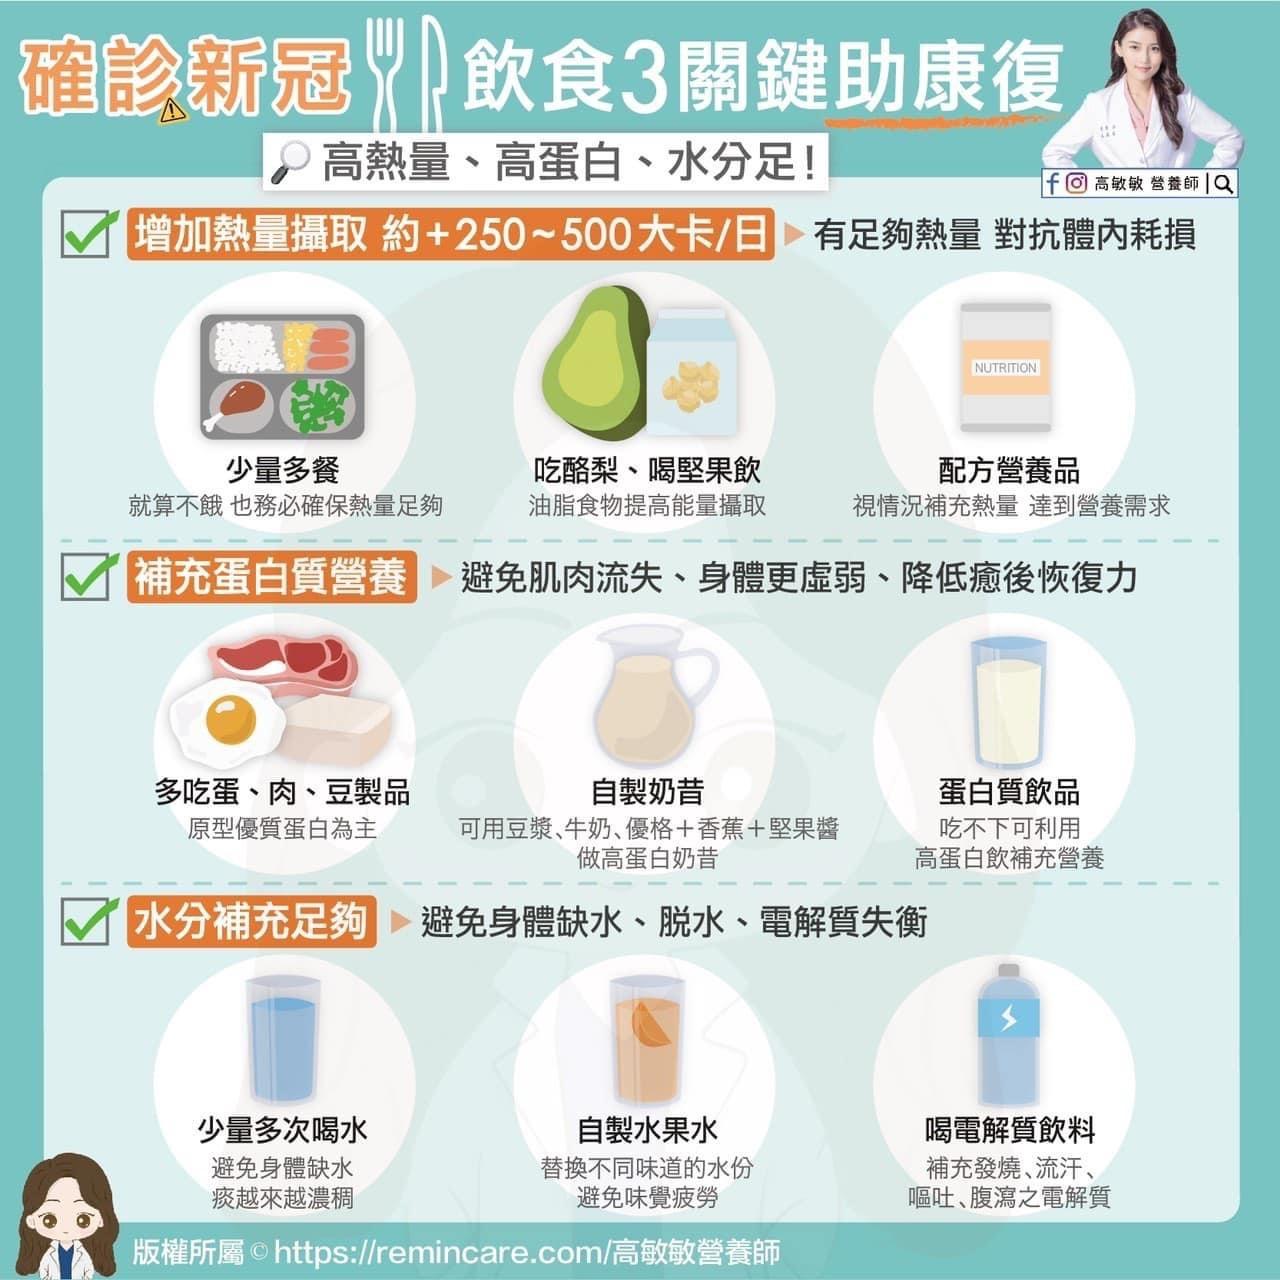 熱量,蛋白,酪梨,飲食,堅果,水分,電解質,確診,COVID-19